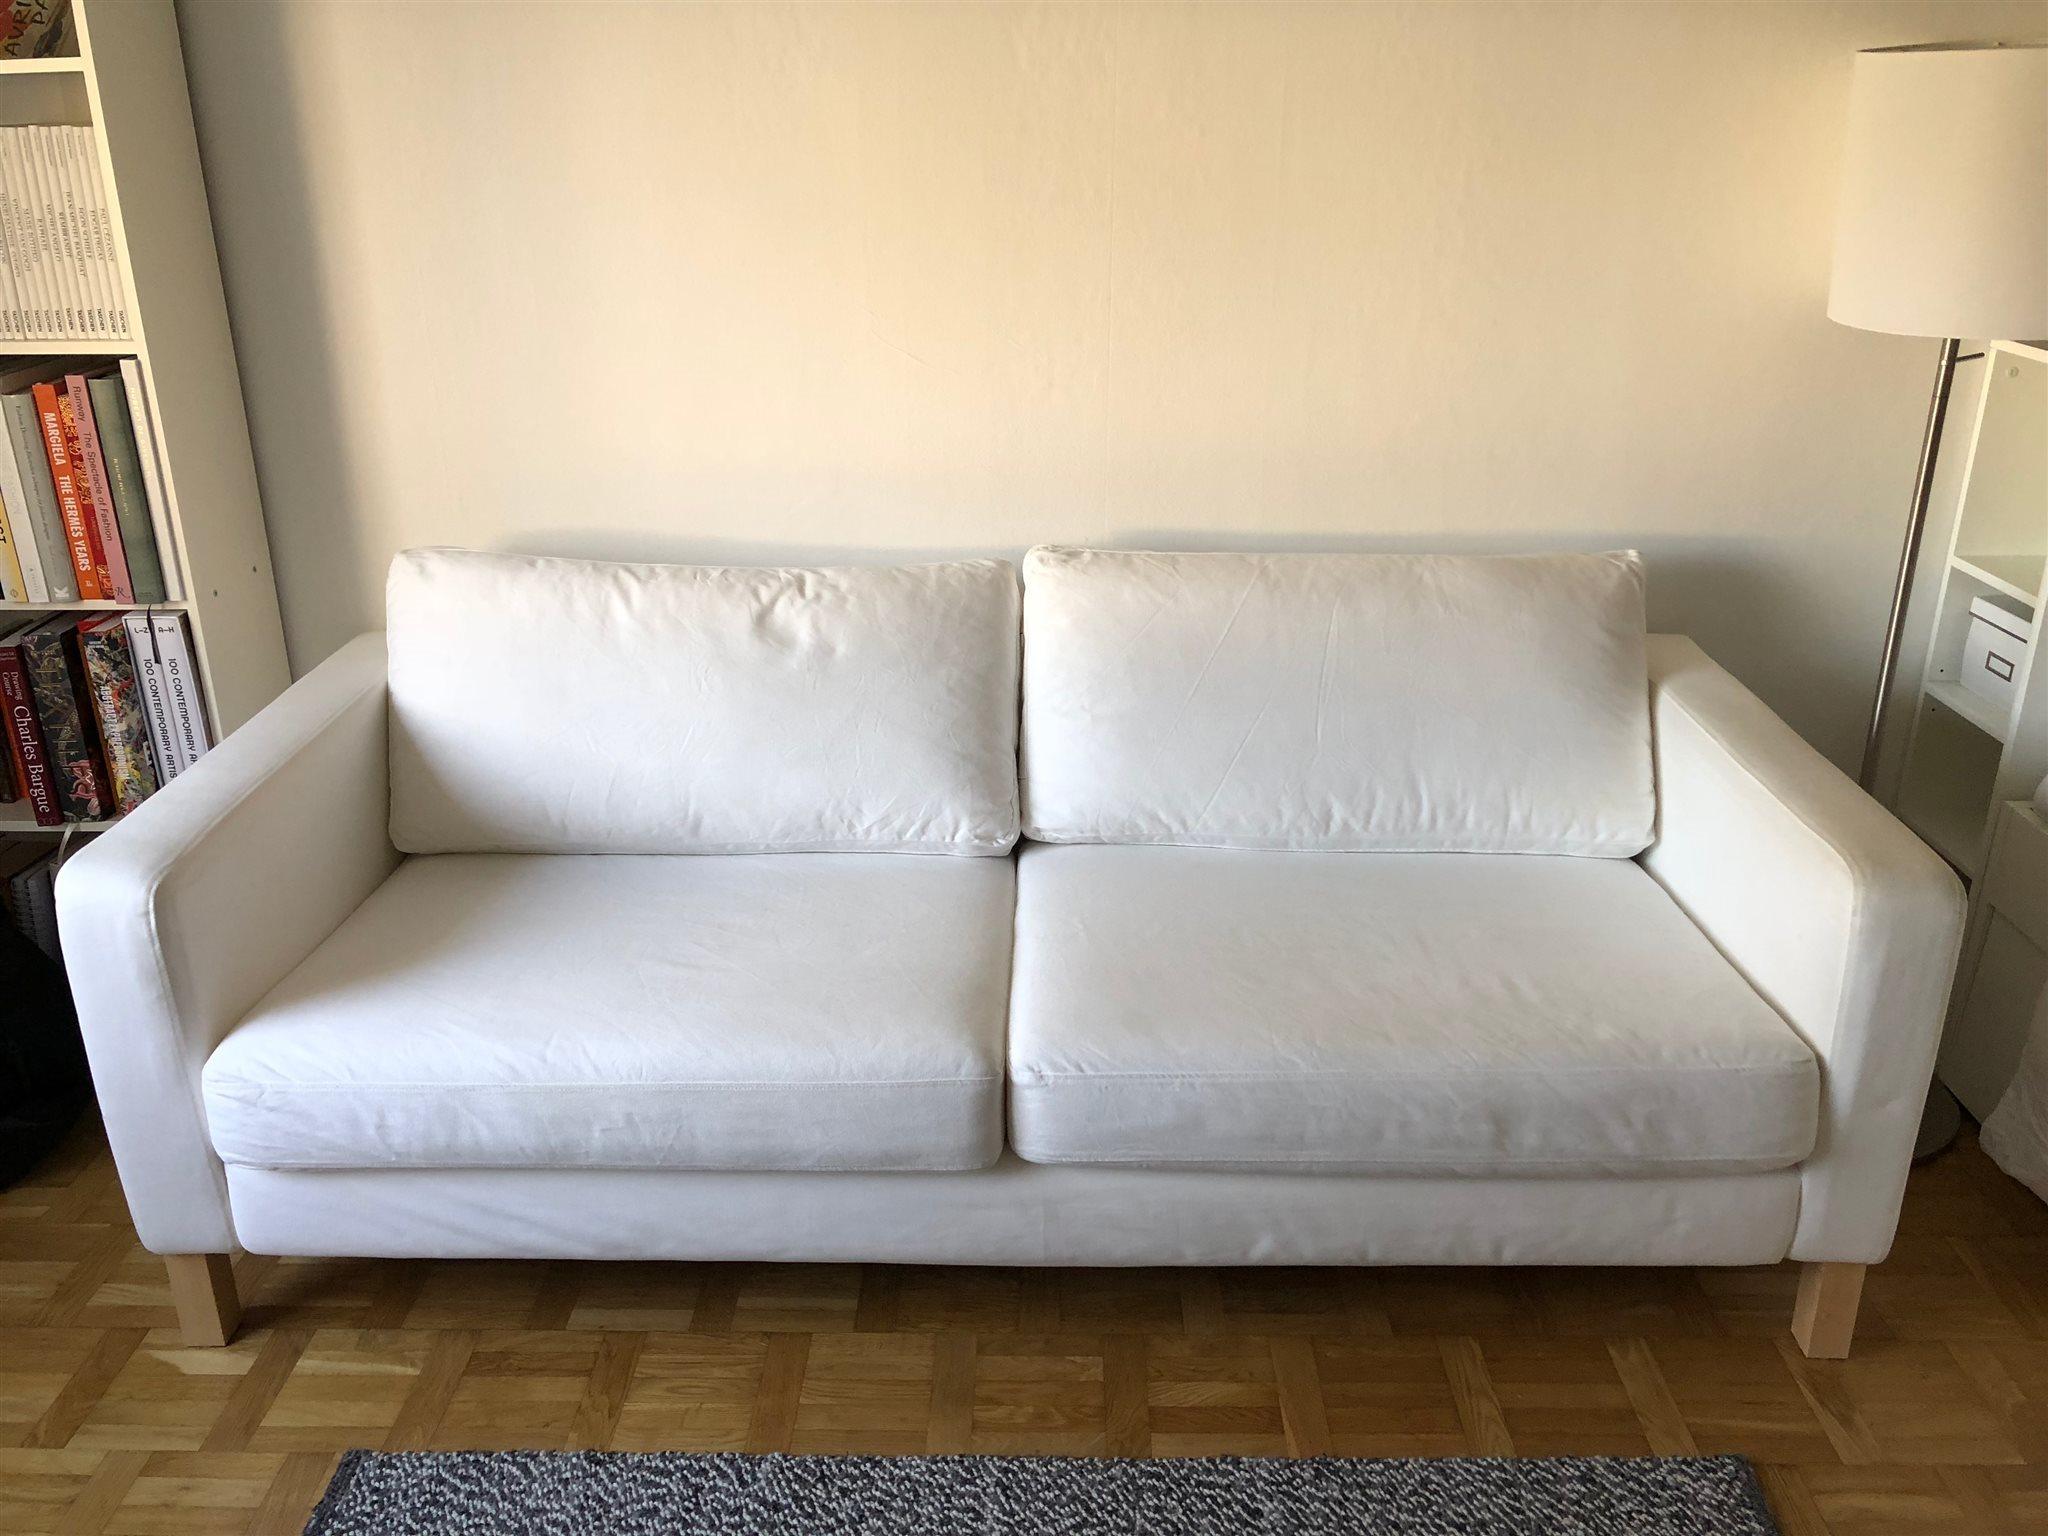 ikea karlstad 3-sitter soffa vit (308183294) ᐈ köp på tradera